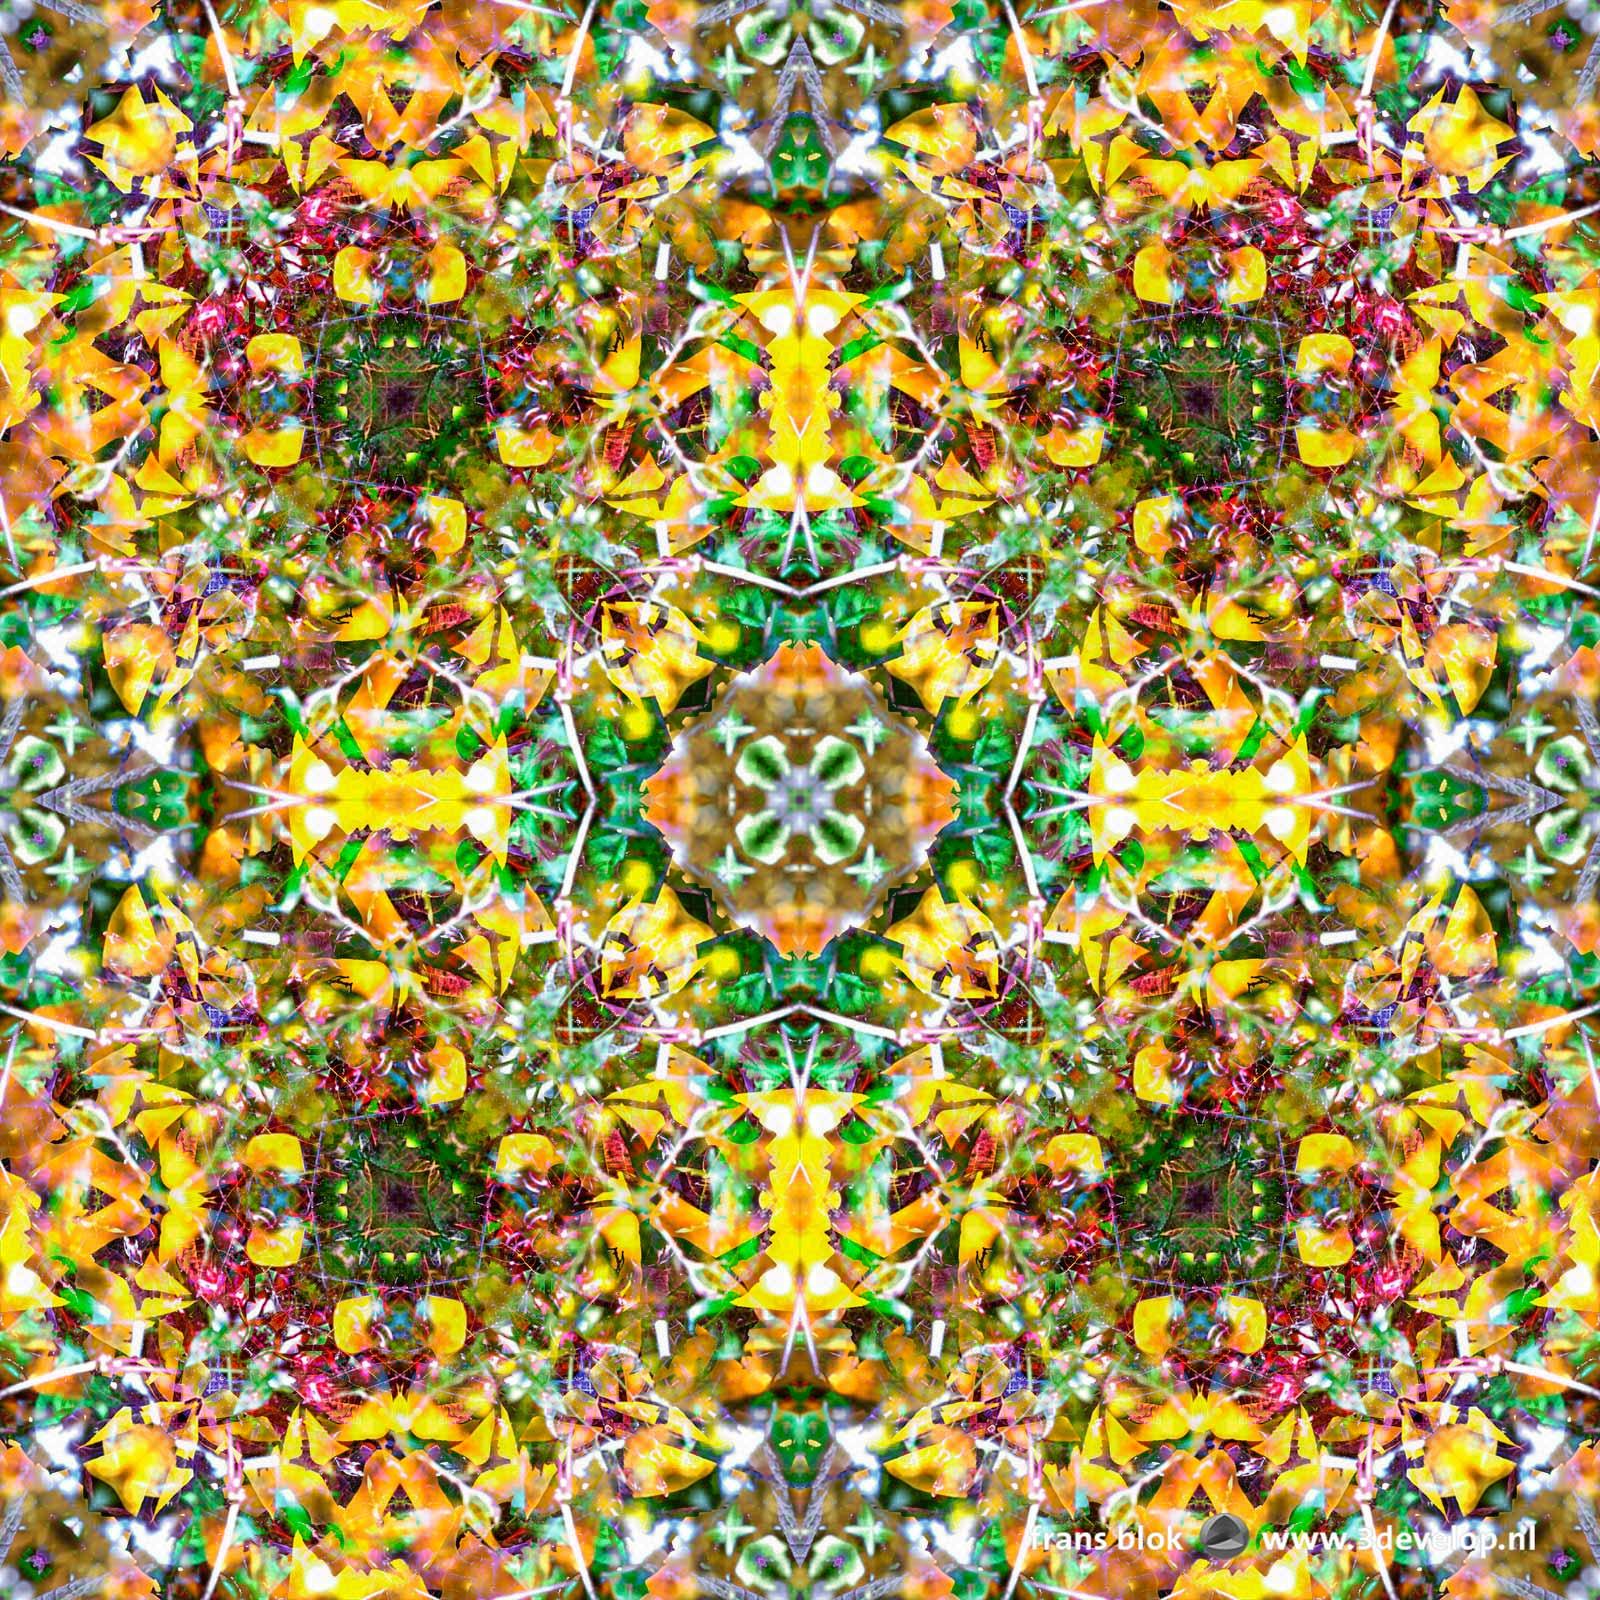 Kleurrijk caleidoscopisch symmetrisch patroon gemaakt in Photoshop met als basis een foto van een struik met rode bessen in de herfst.